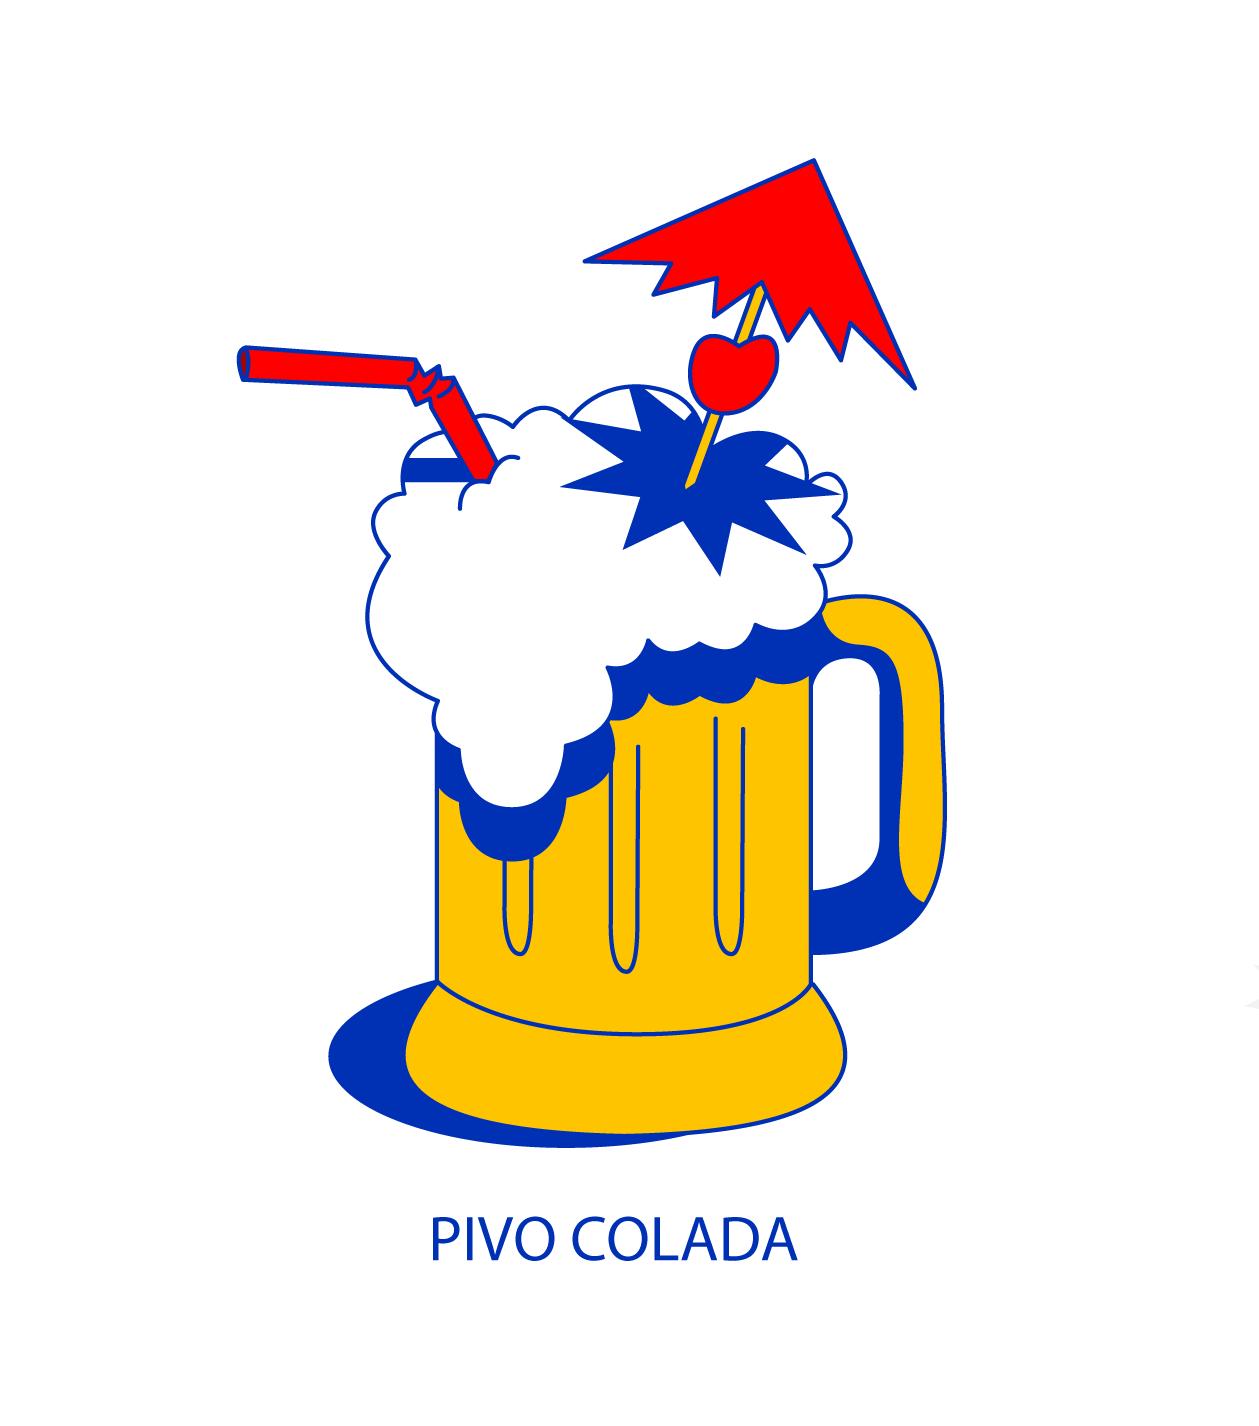 Pivo Colada